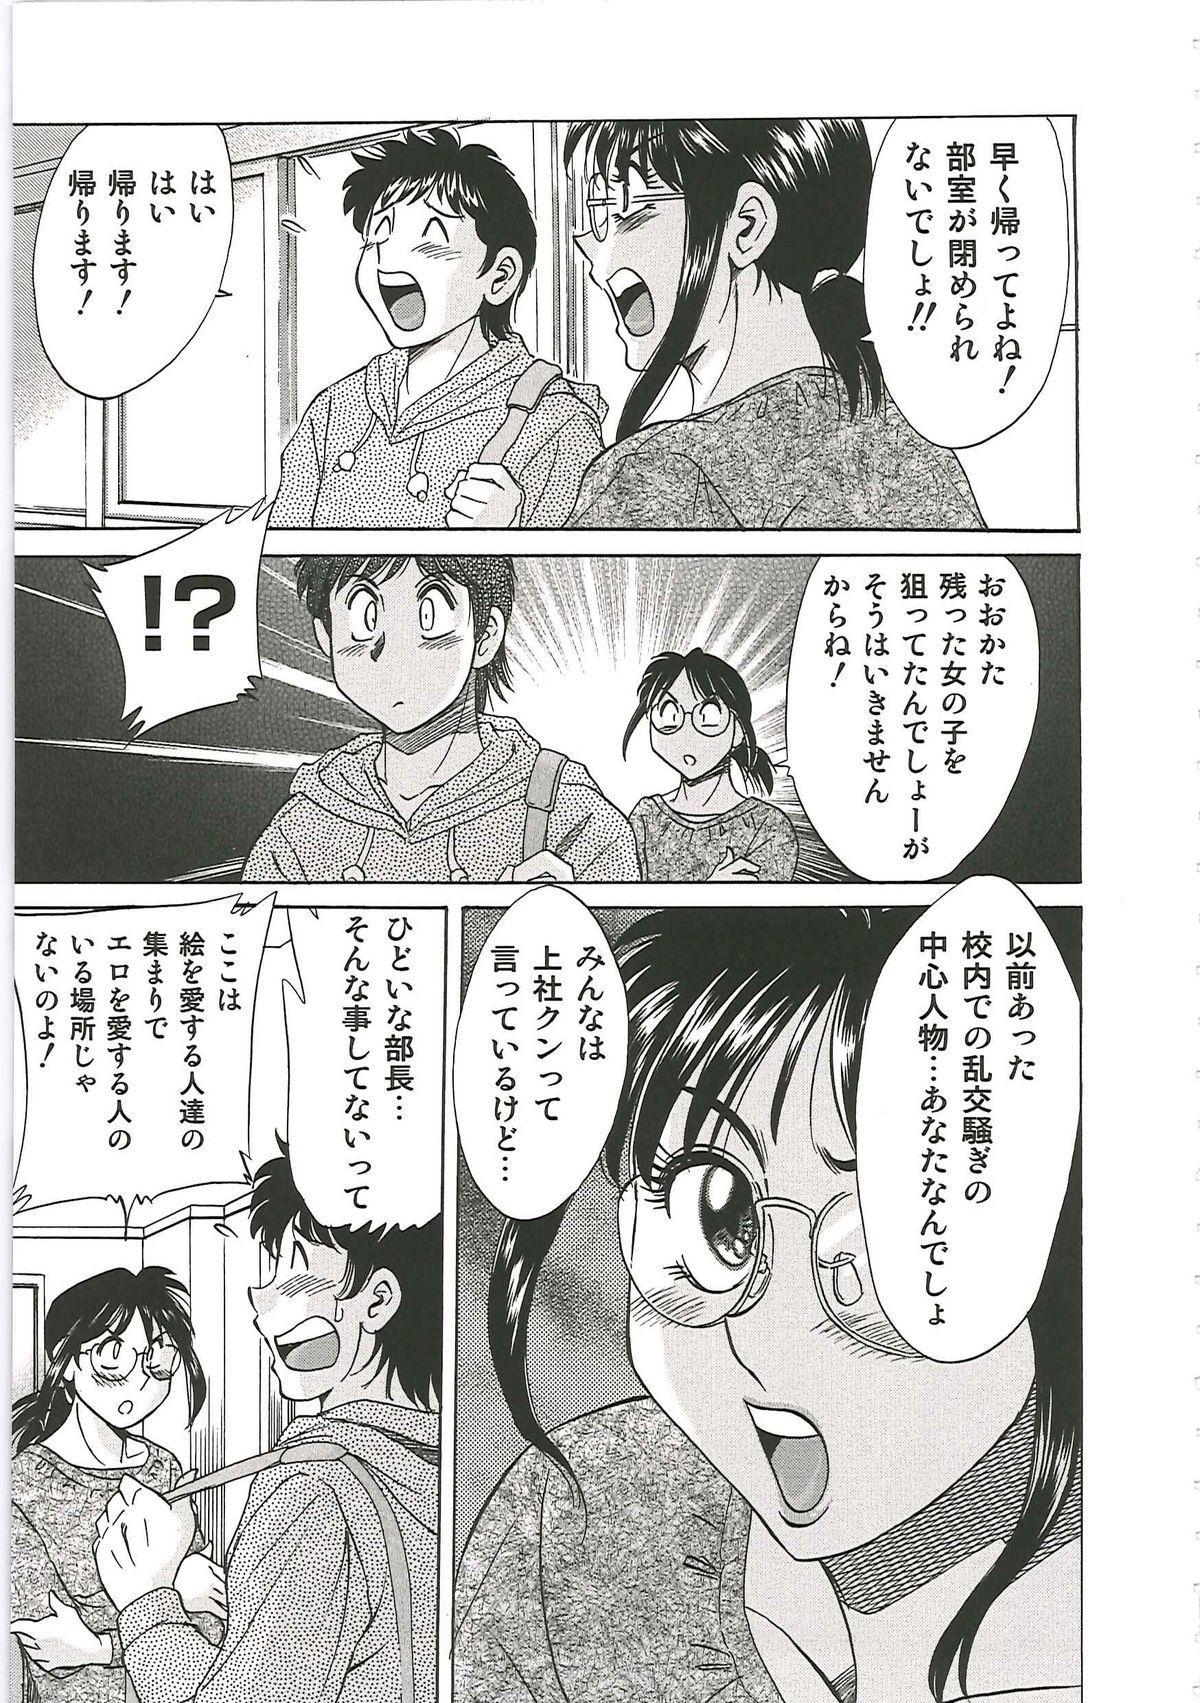 [Chanpon Miyabi] Cho-Onesan Tengoku 6 -Tenrakuhen- 124